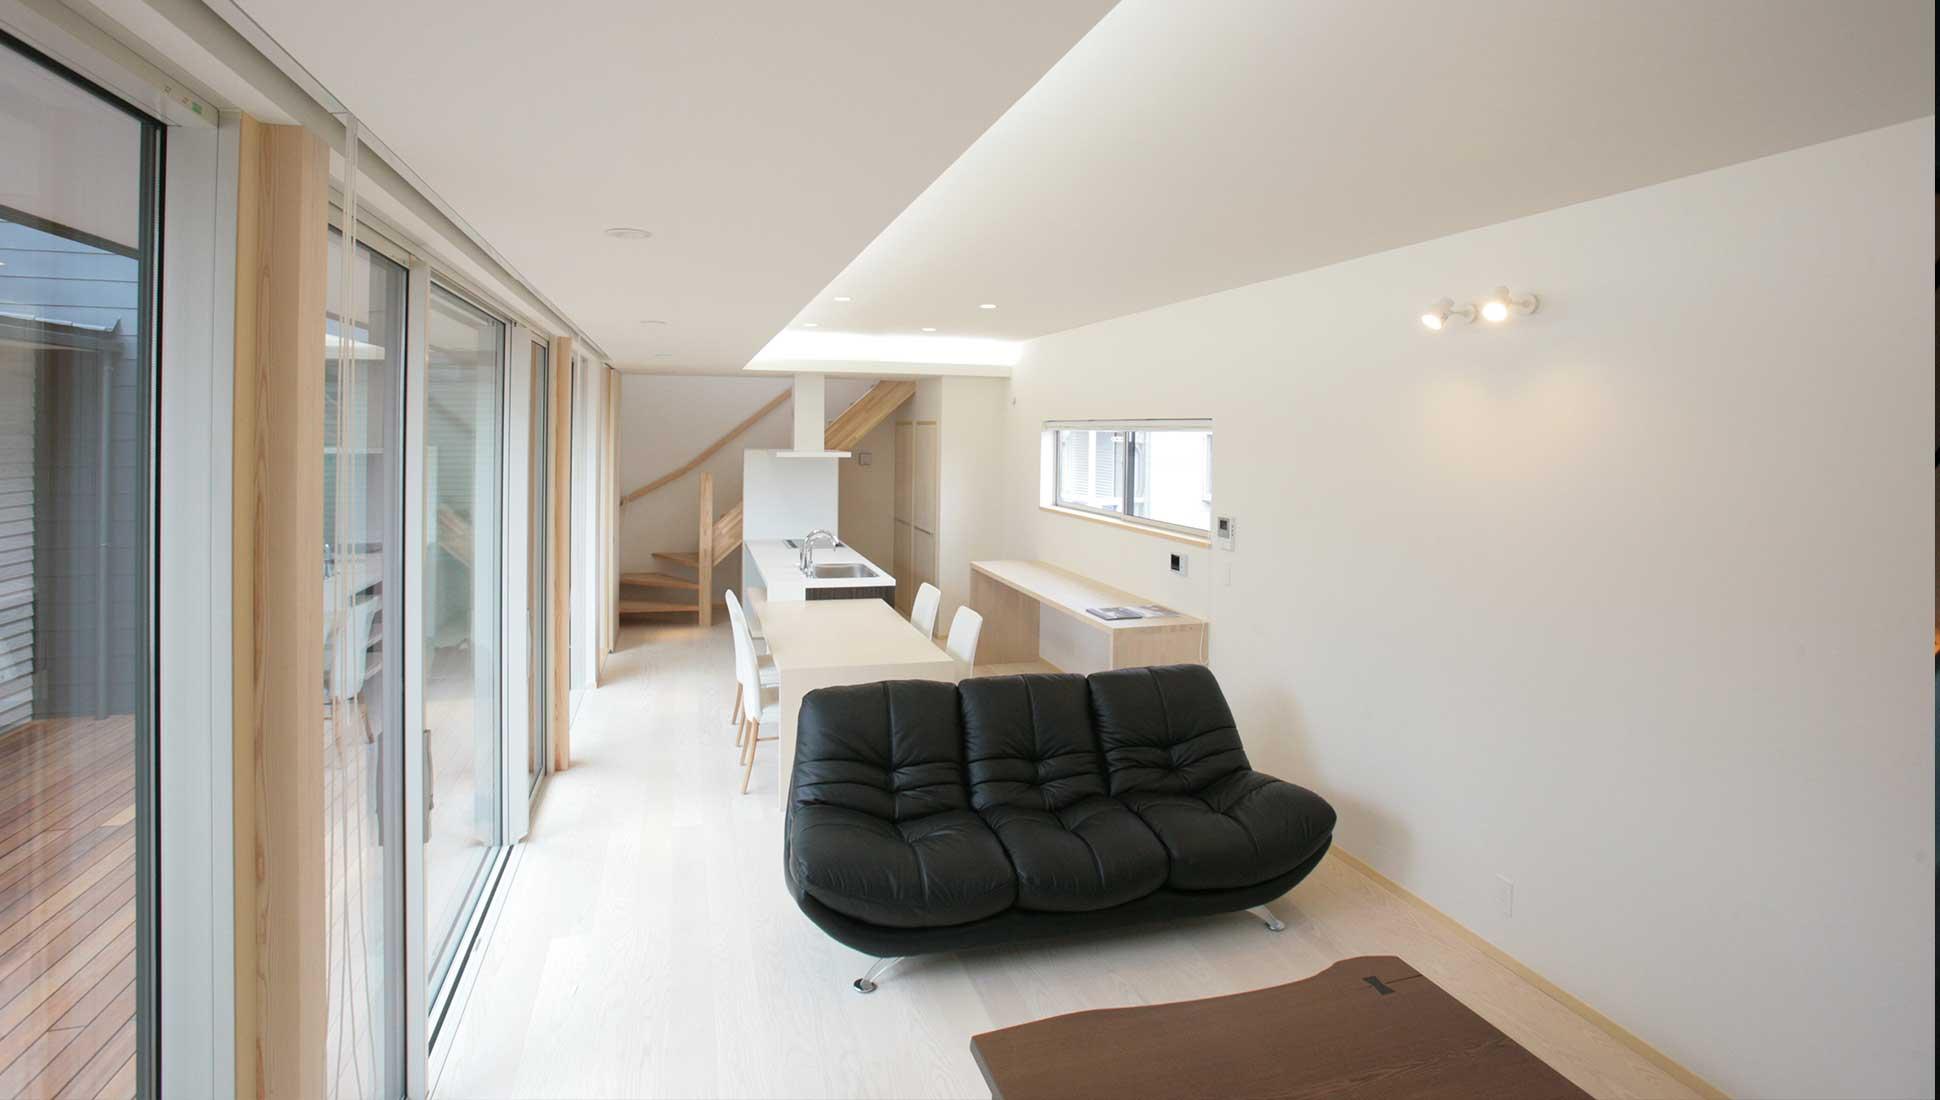 中庭に面したリビングとオーダーキッチン:30坪の家を35坪にする中庭のある家_木更津